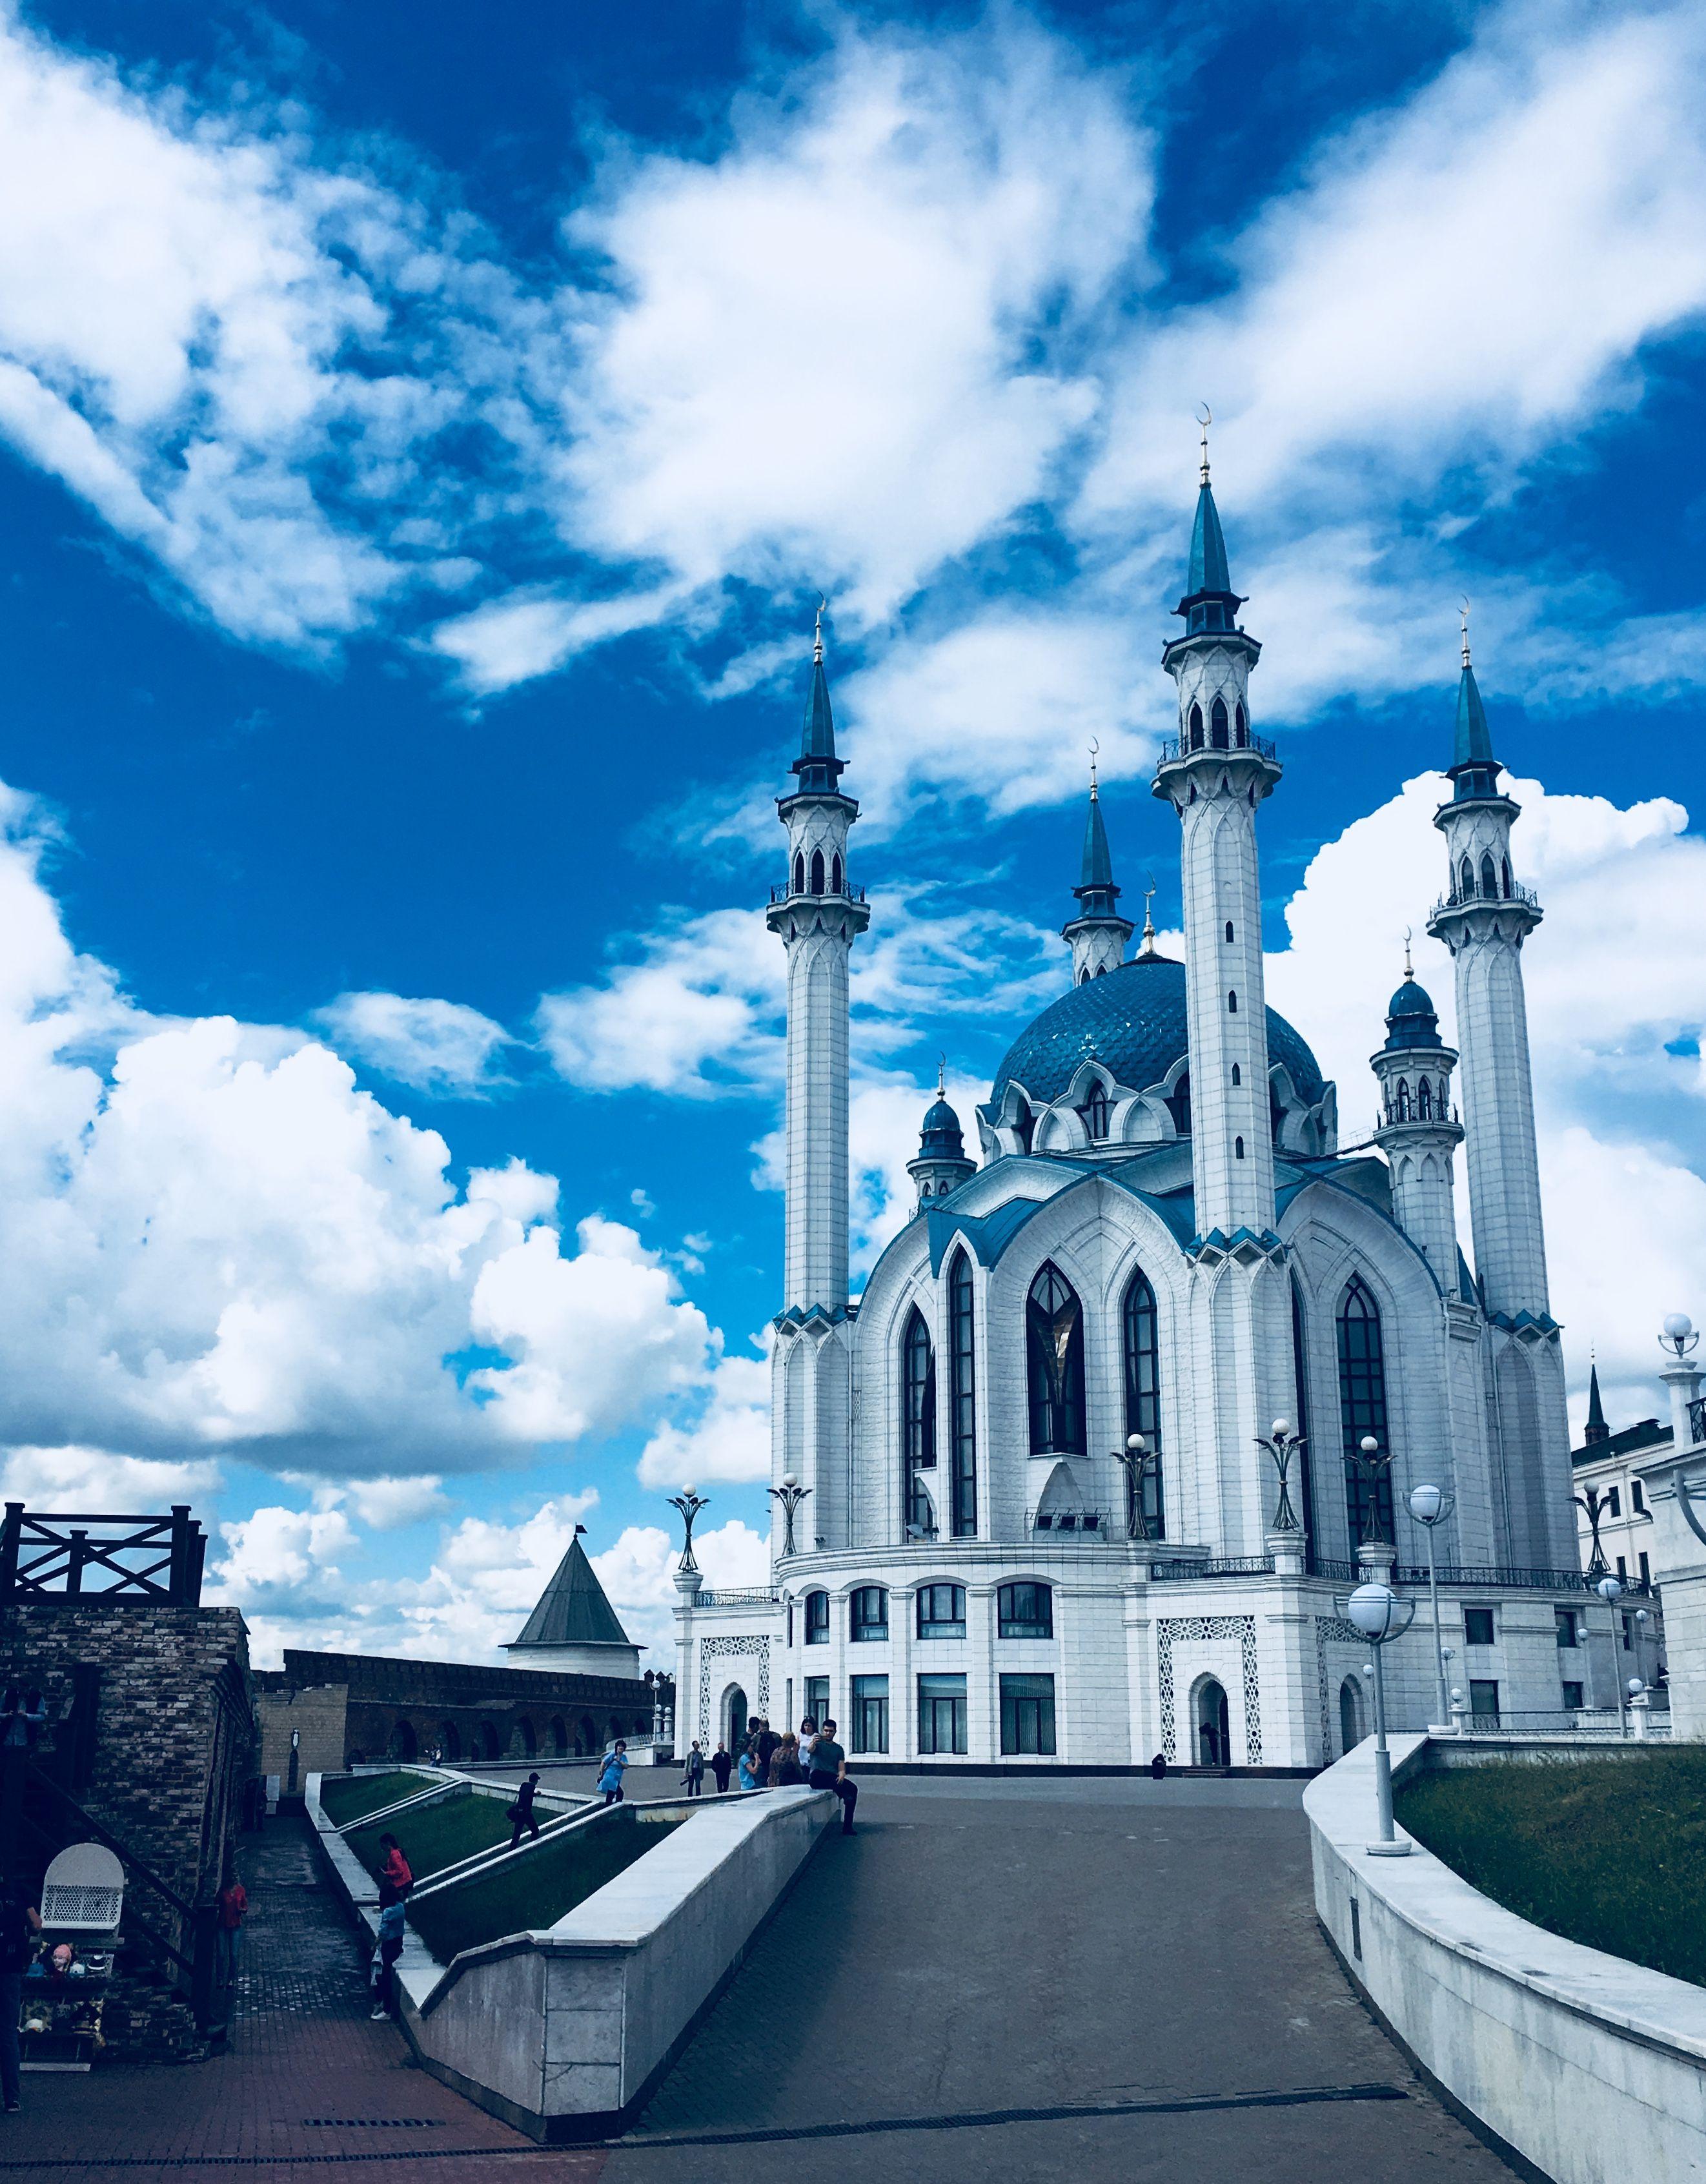 Достопримечательности города Казань 2